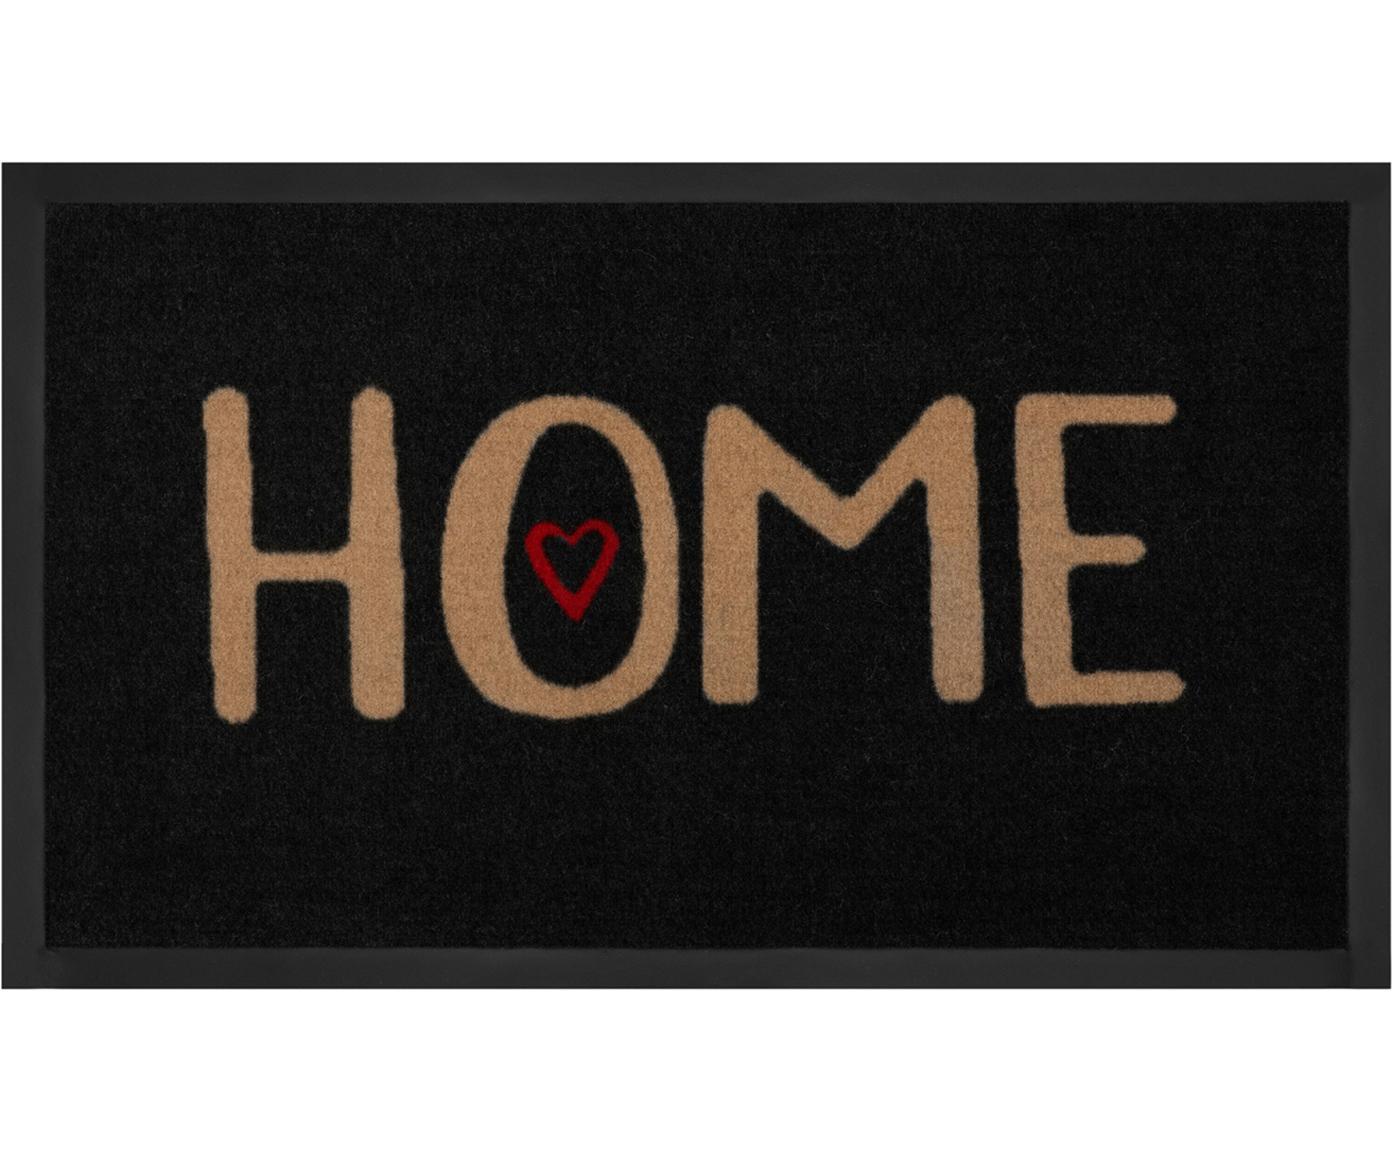 Polyamid-Fußmatte Lovely Home, Vorderseite: Polyamid, Rückseite: Gummi, Schwarz, Beige, Rot, 45 x 75 cm